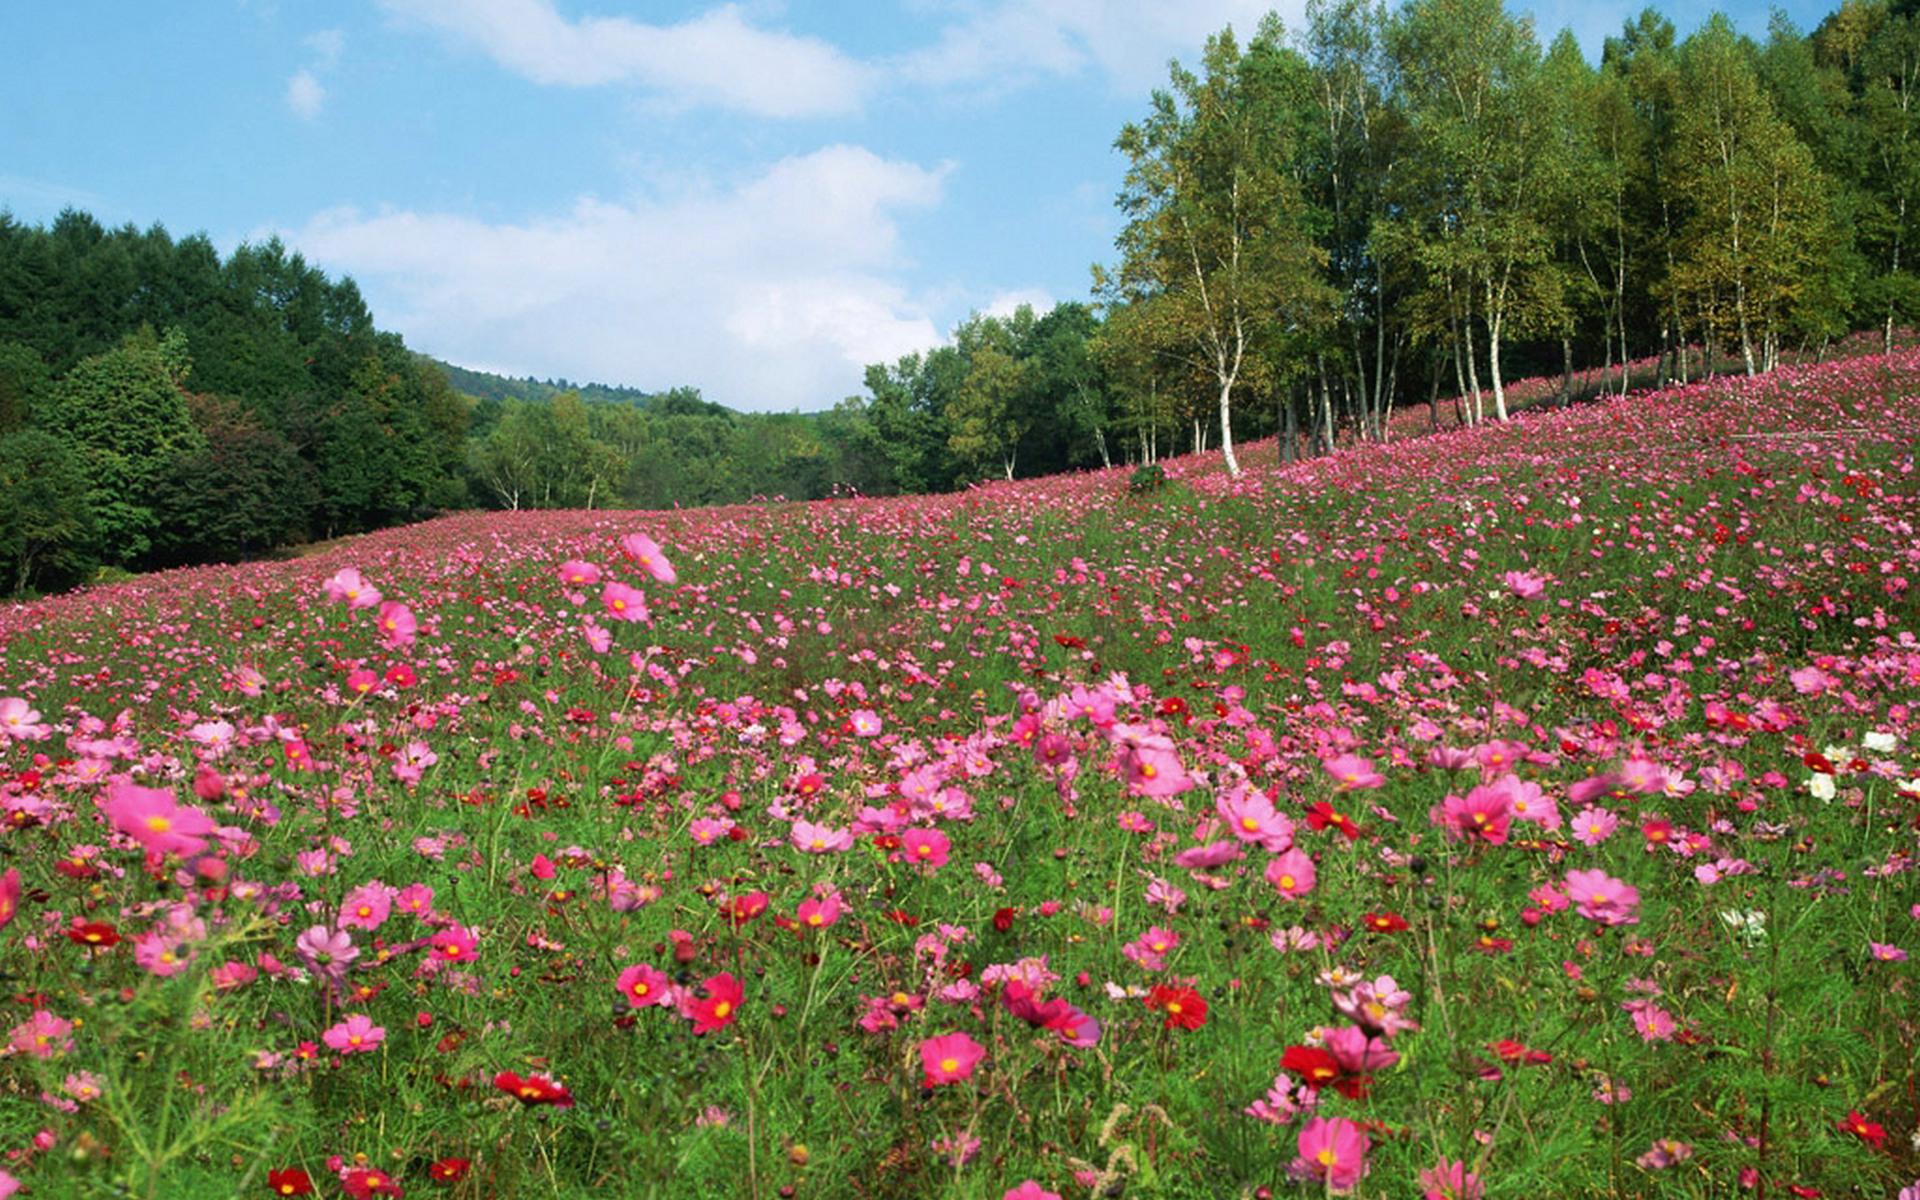 Pink Flowers Meadow